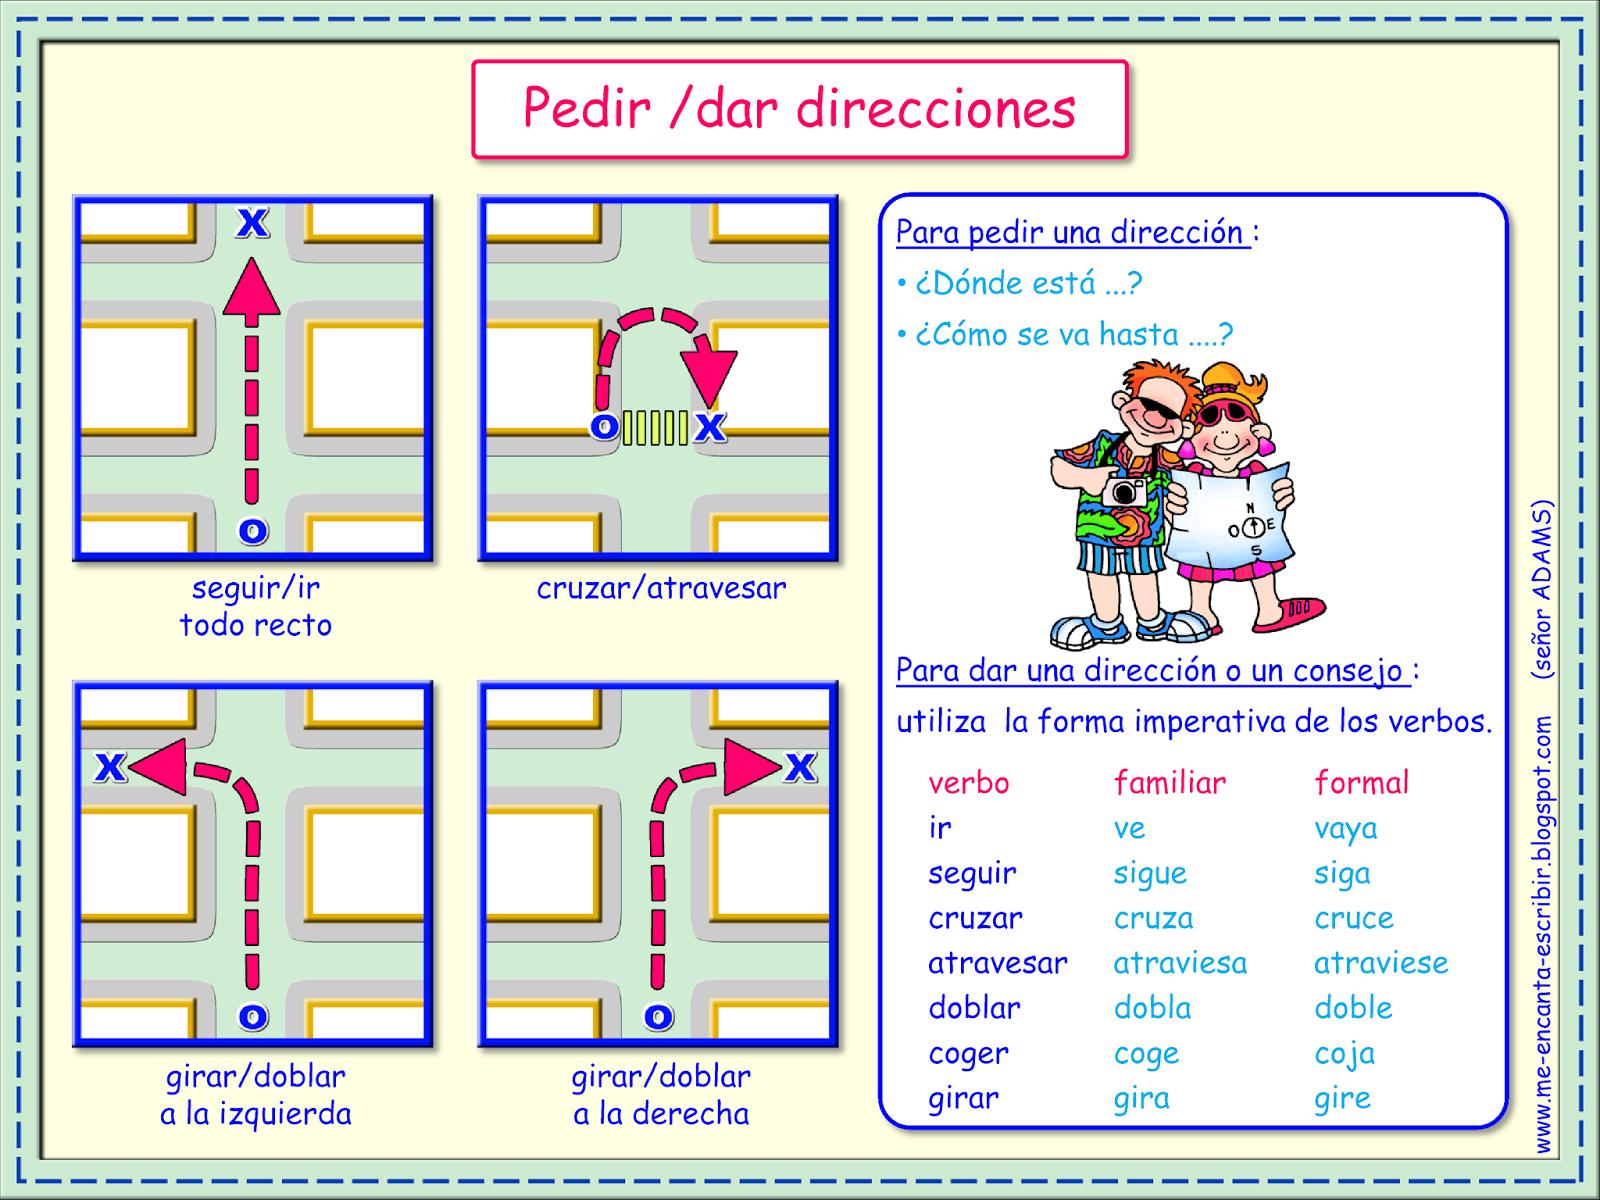 Me encanta escribir en español - pedir/dar direcciones | comunidad y ...